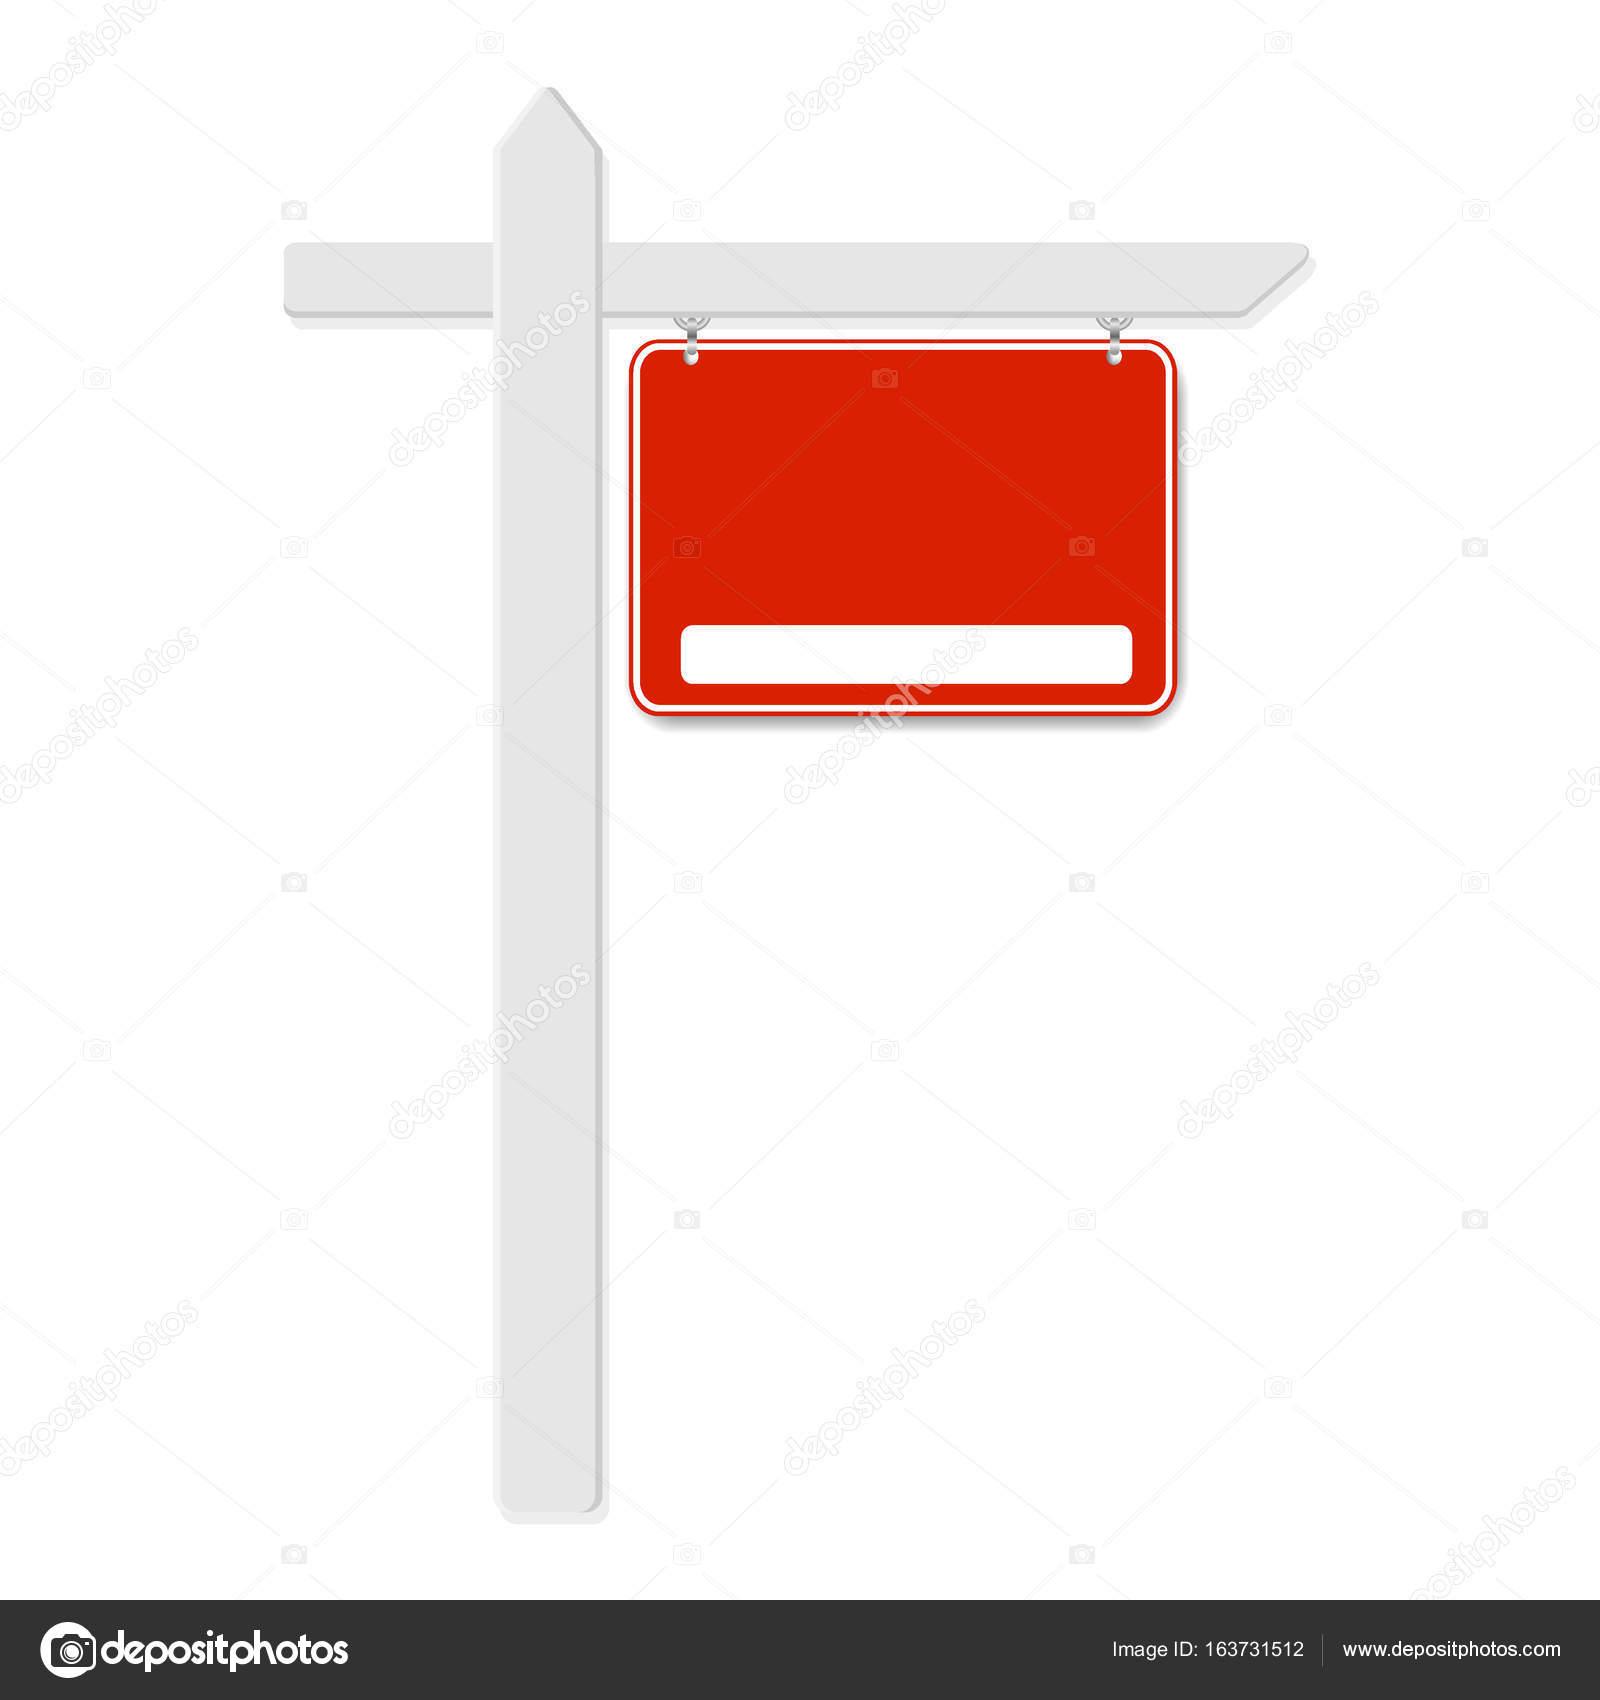 Remarquable Pancarte à vendre — Image vectorielle barbaliss © #163731512 NT-57